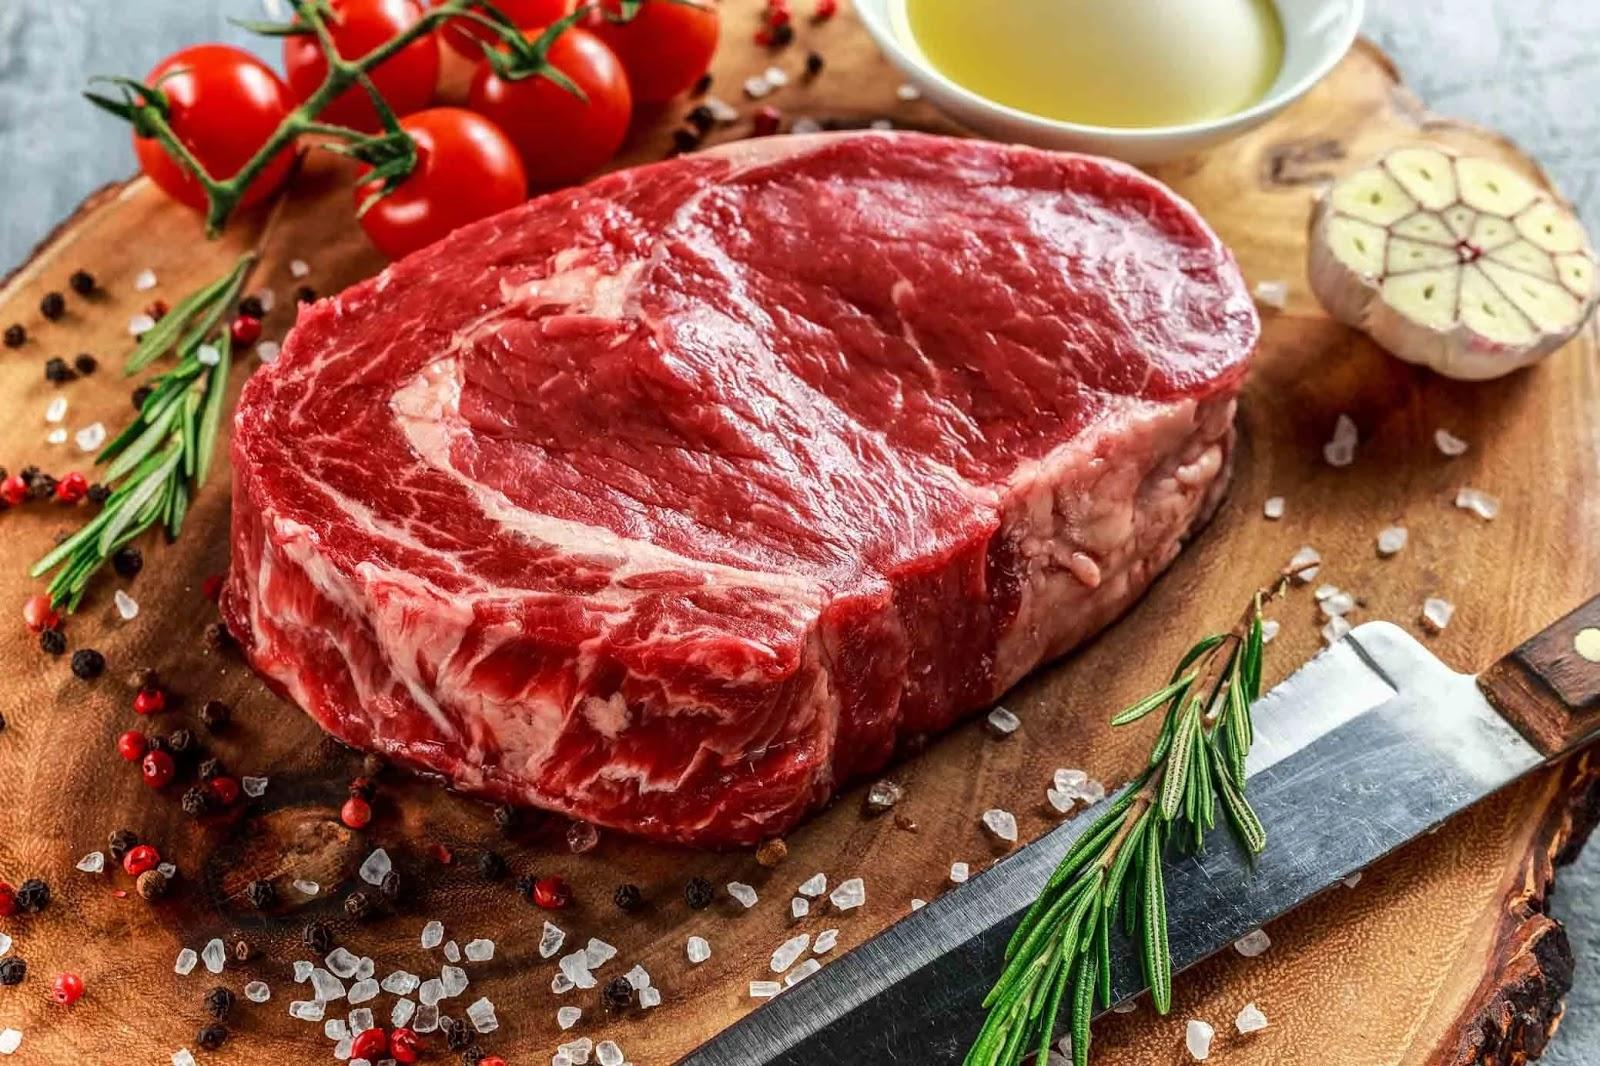 6 советов по приготовлению вкусного мяса на гриле